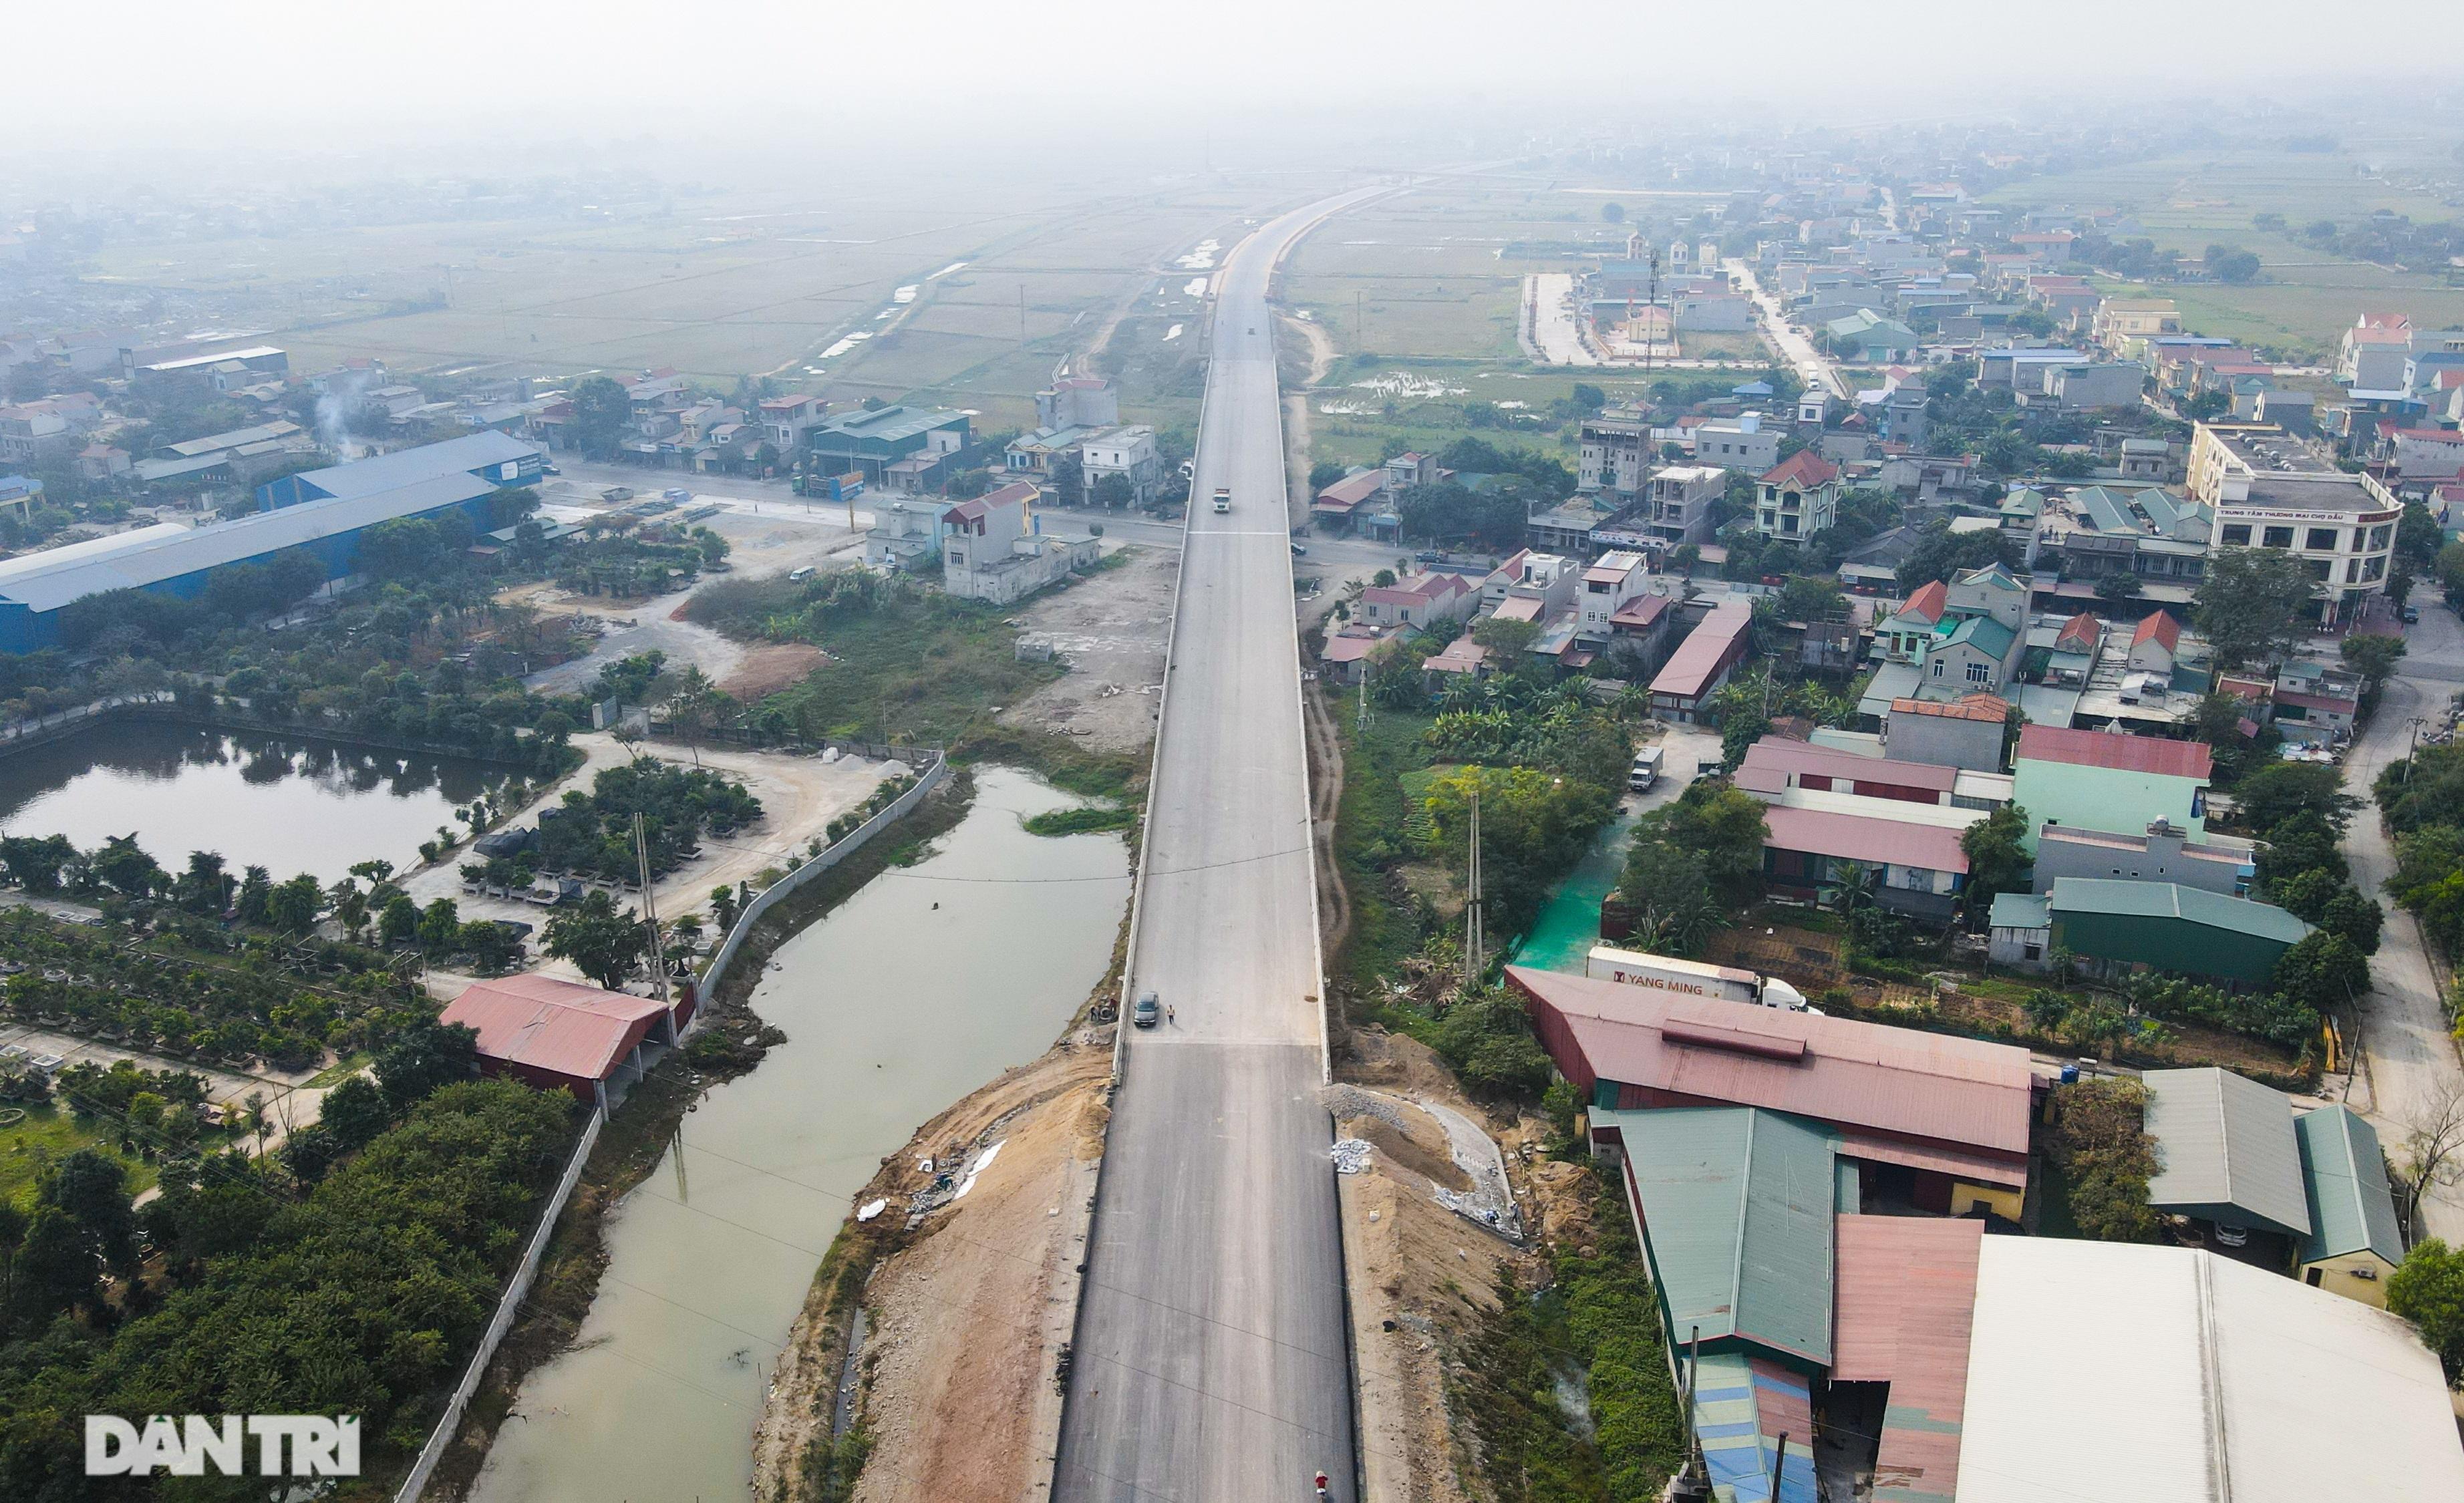 Tuyến cao tốc Ninh Bình - Thanh Hóa 12 nghìn tỷ đồng đang dần hình thành - 12